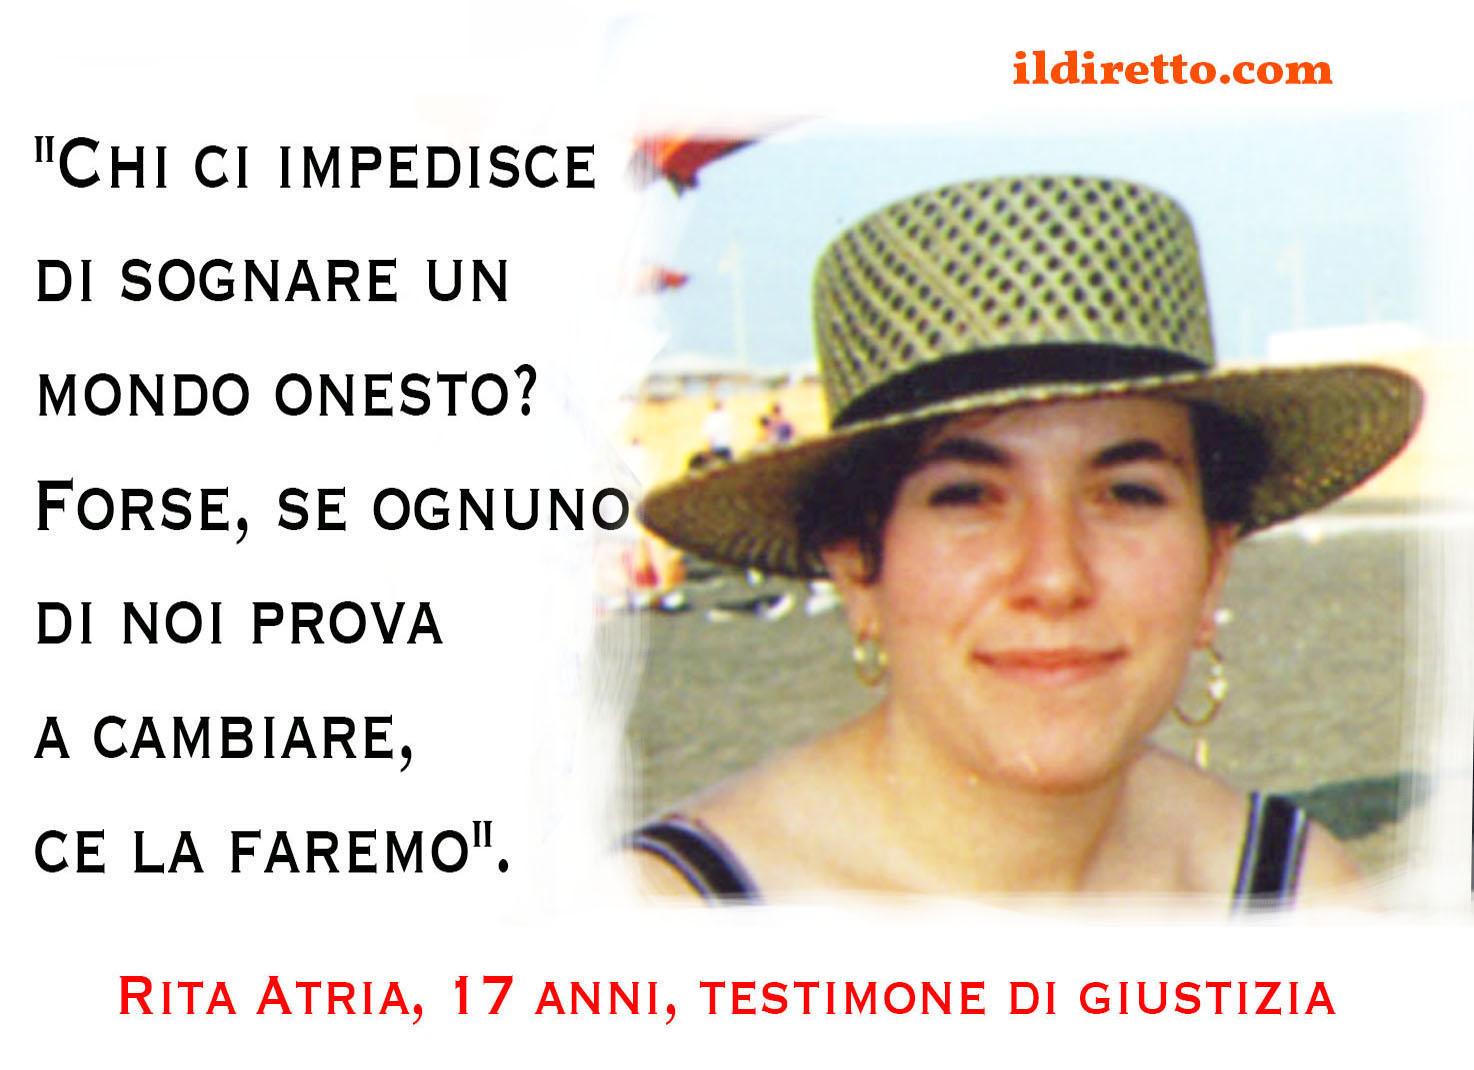 Rita Atria 4